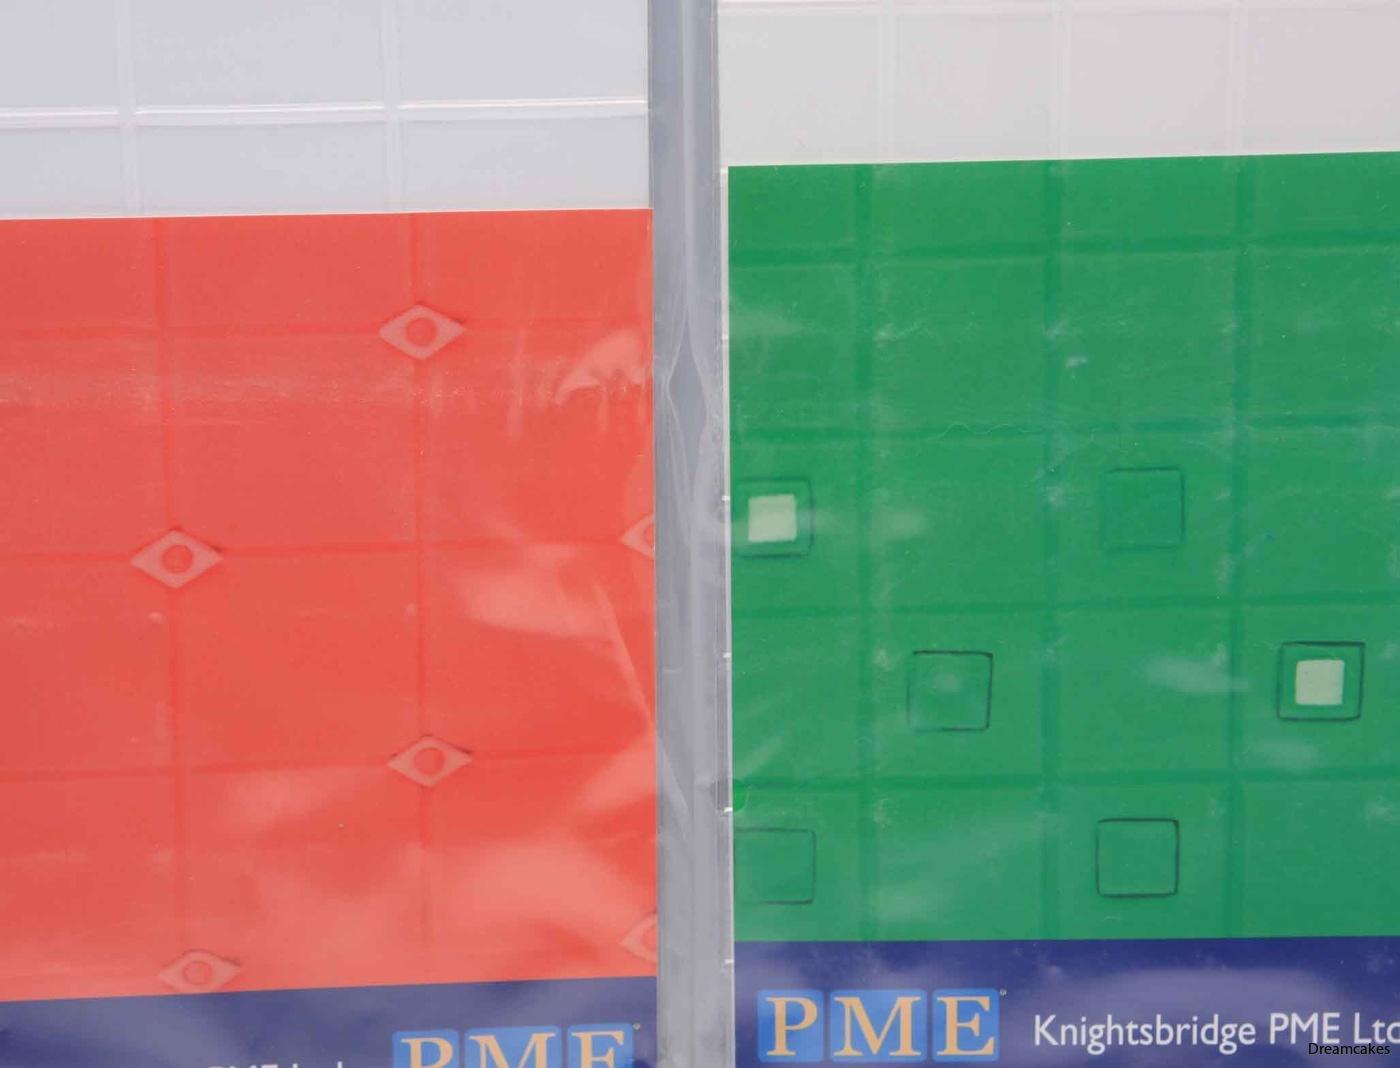 kvadratmönster till tårta, mönstermatta med kvadrater, tårta med kvadrater, fyrkanter till tårta och cupakes